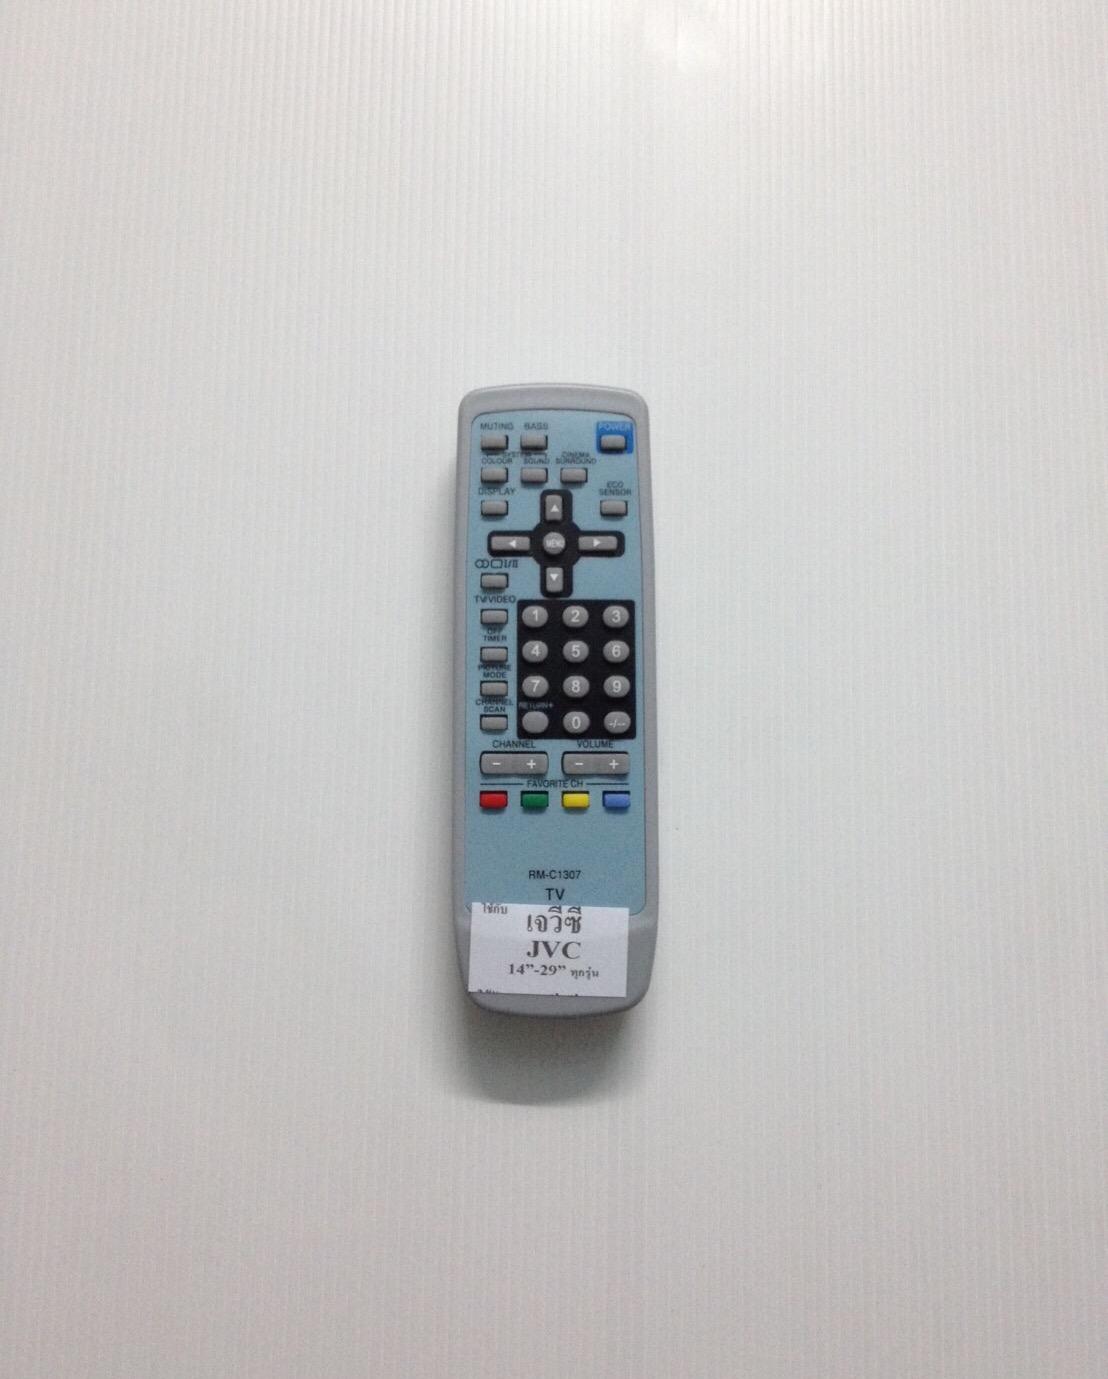 รีโมททีวีเจวีซี จอแบน JVC RM-C1307